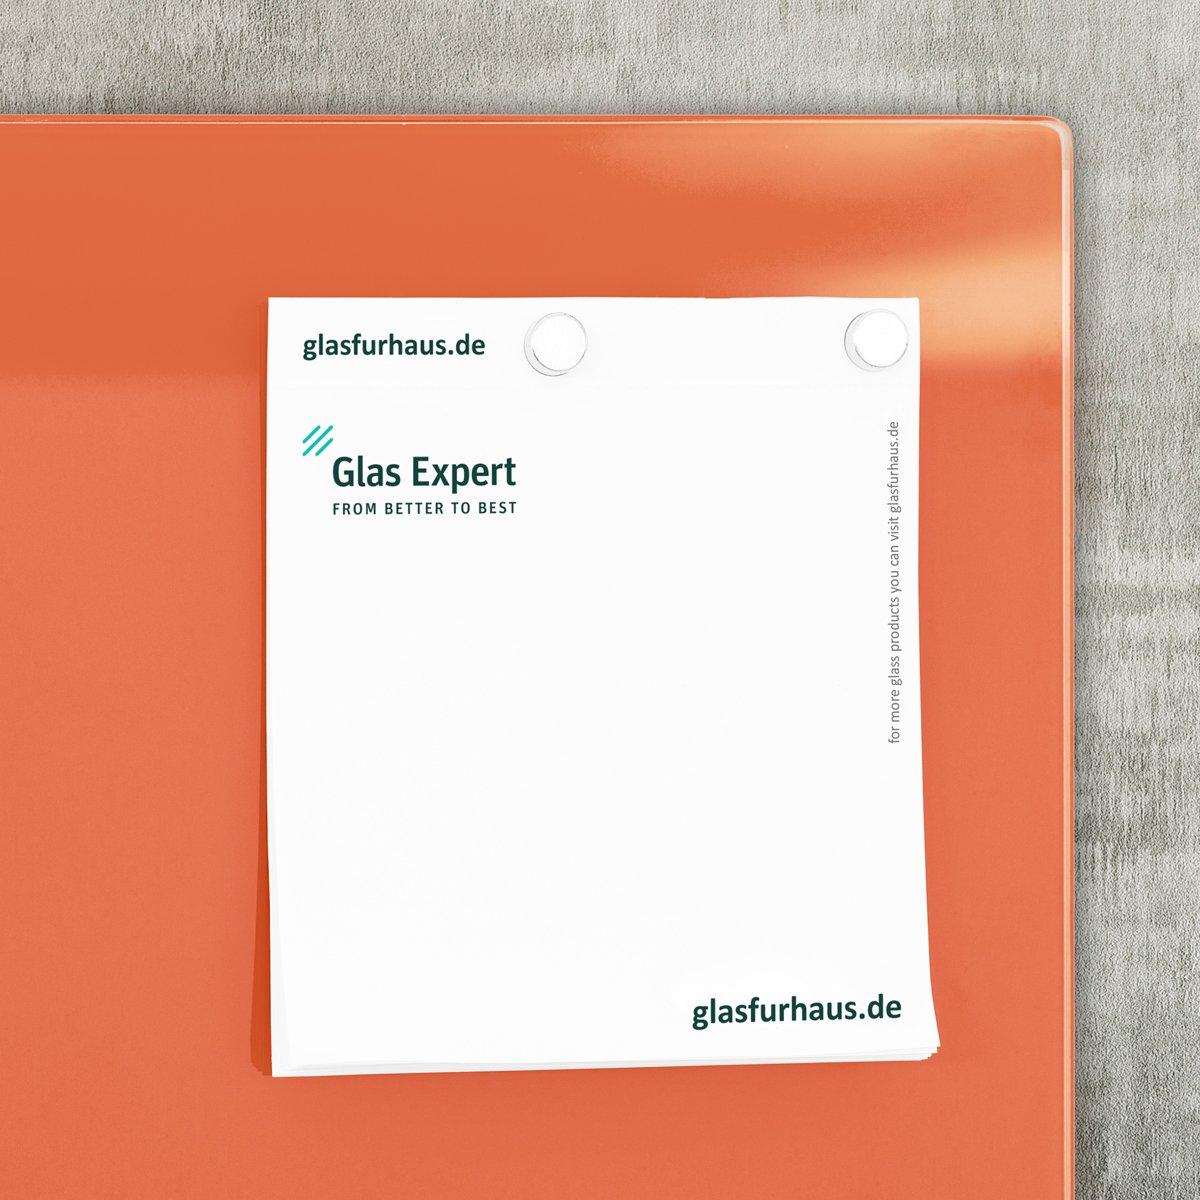 Memo Board Magn/étique Affichage | Tableau Magnetique en Verre Smart Glass Board /® Gris Affichage M/émo Aimant/é Glas Expert 78 x 48 cm 2 Aimants 1 Marqueur